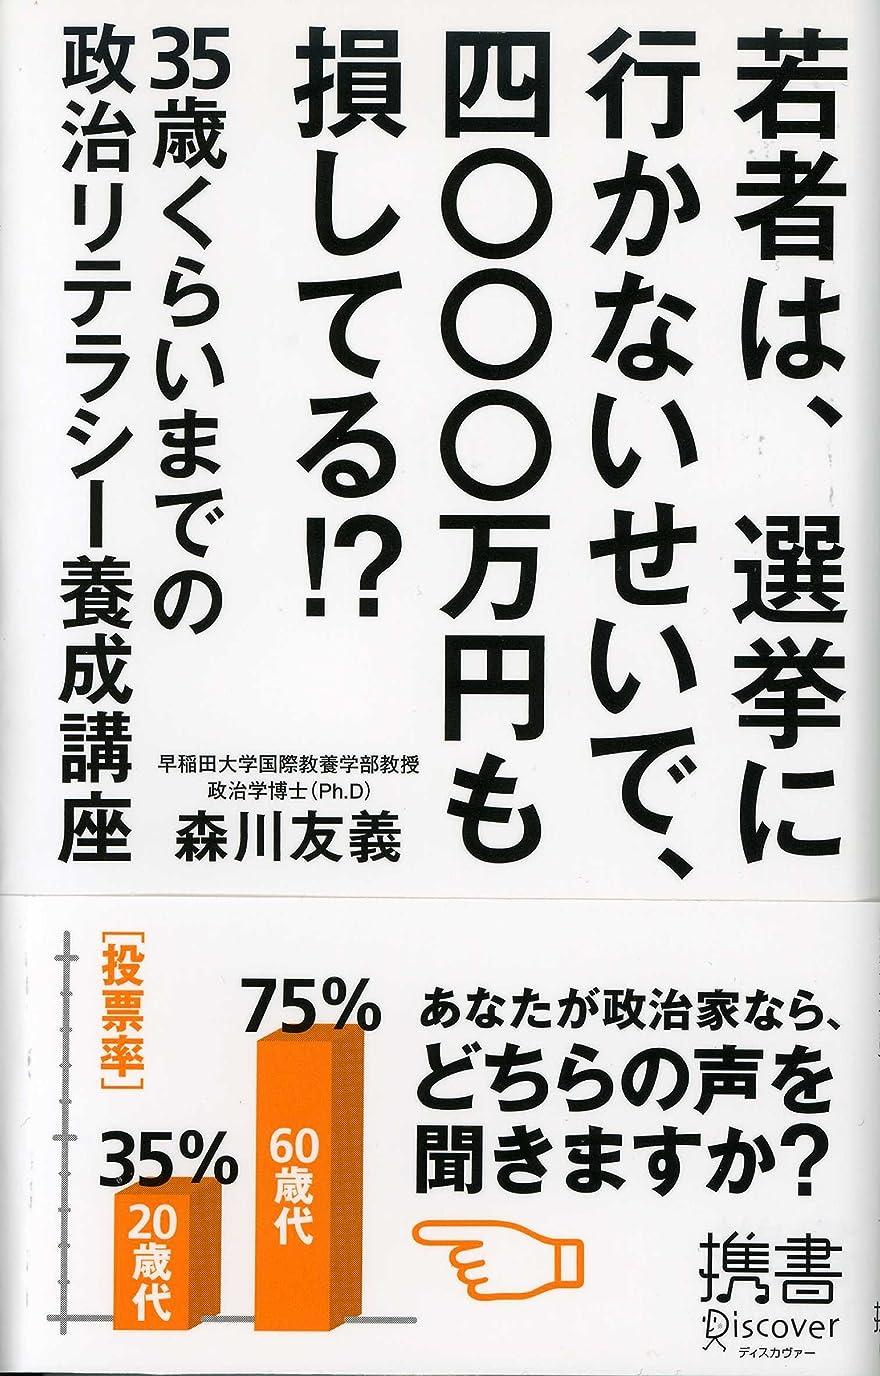 住所同一のクリスマス若者は、選挙に行かないせいで、四〇〇〇万円も損してる!? 35歳くらいまでの政治リテラシー養成講座 (ディスカヴァー携書)